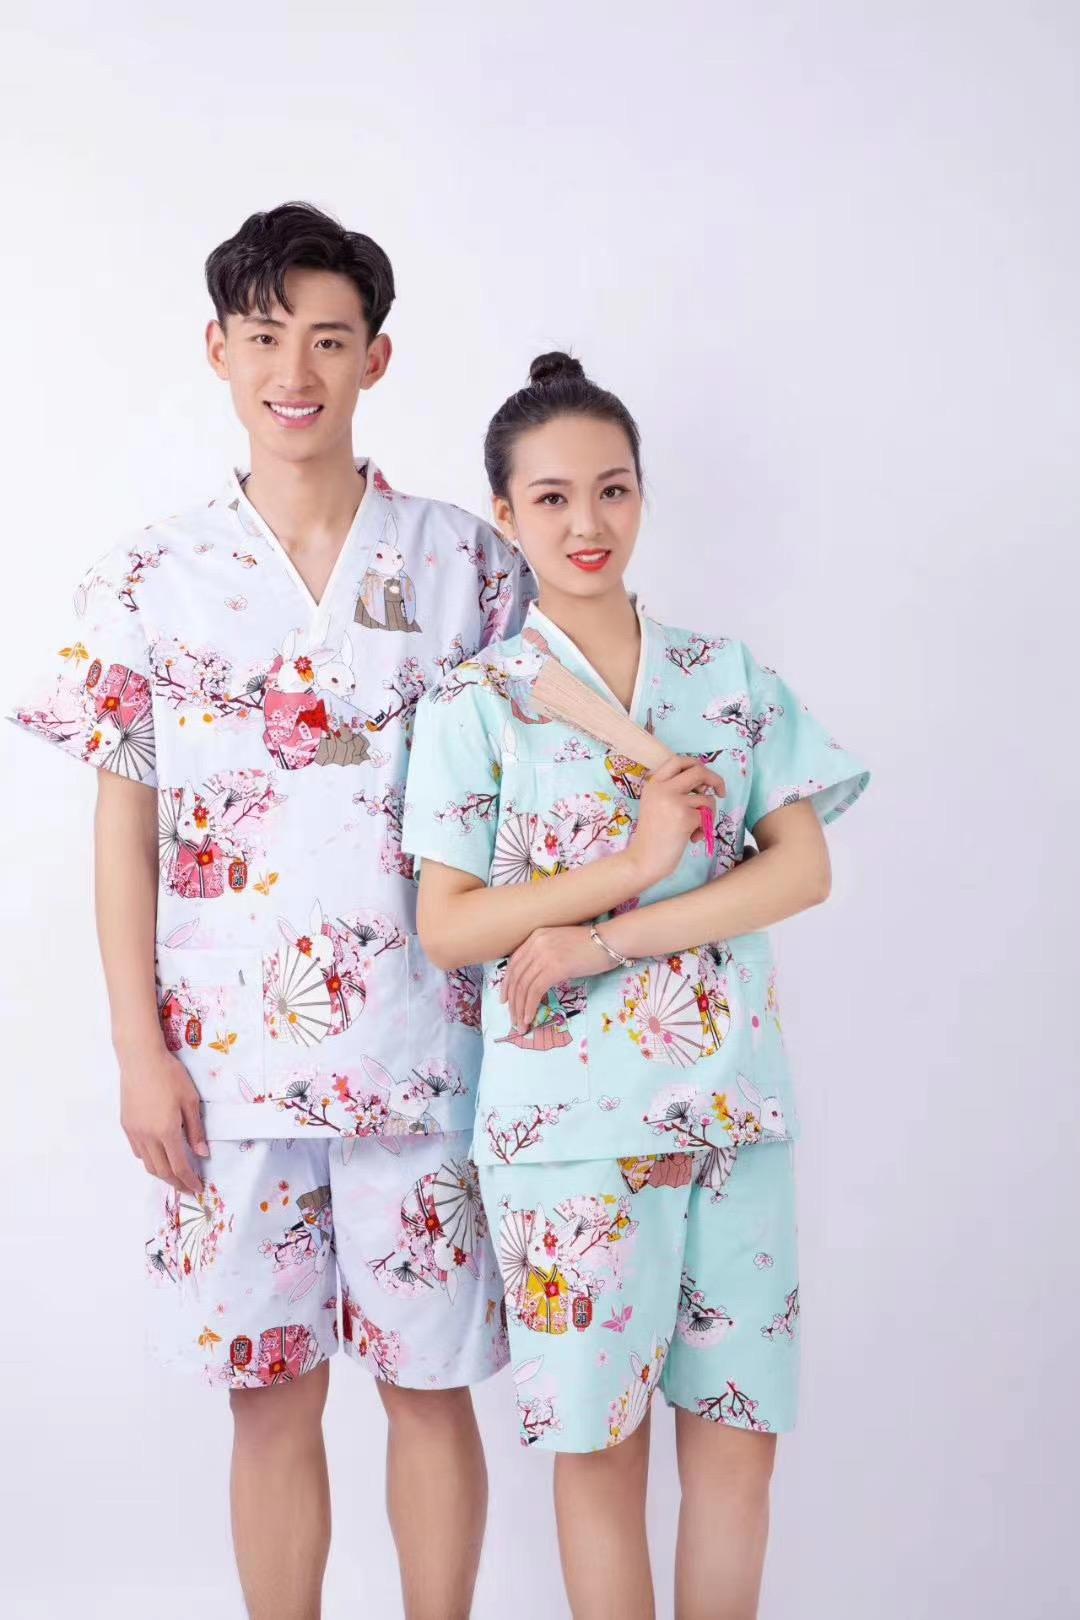 君芝友酒店用品割绒浴袍 酒店用彩色卡通睡衣 五星级酒店全棉浴服产品展示